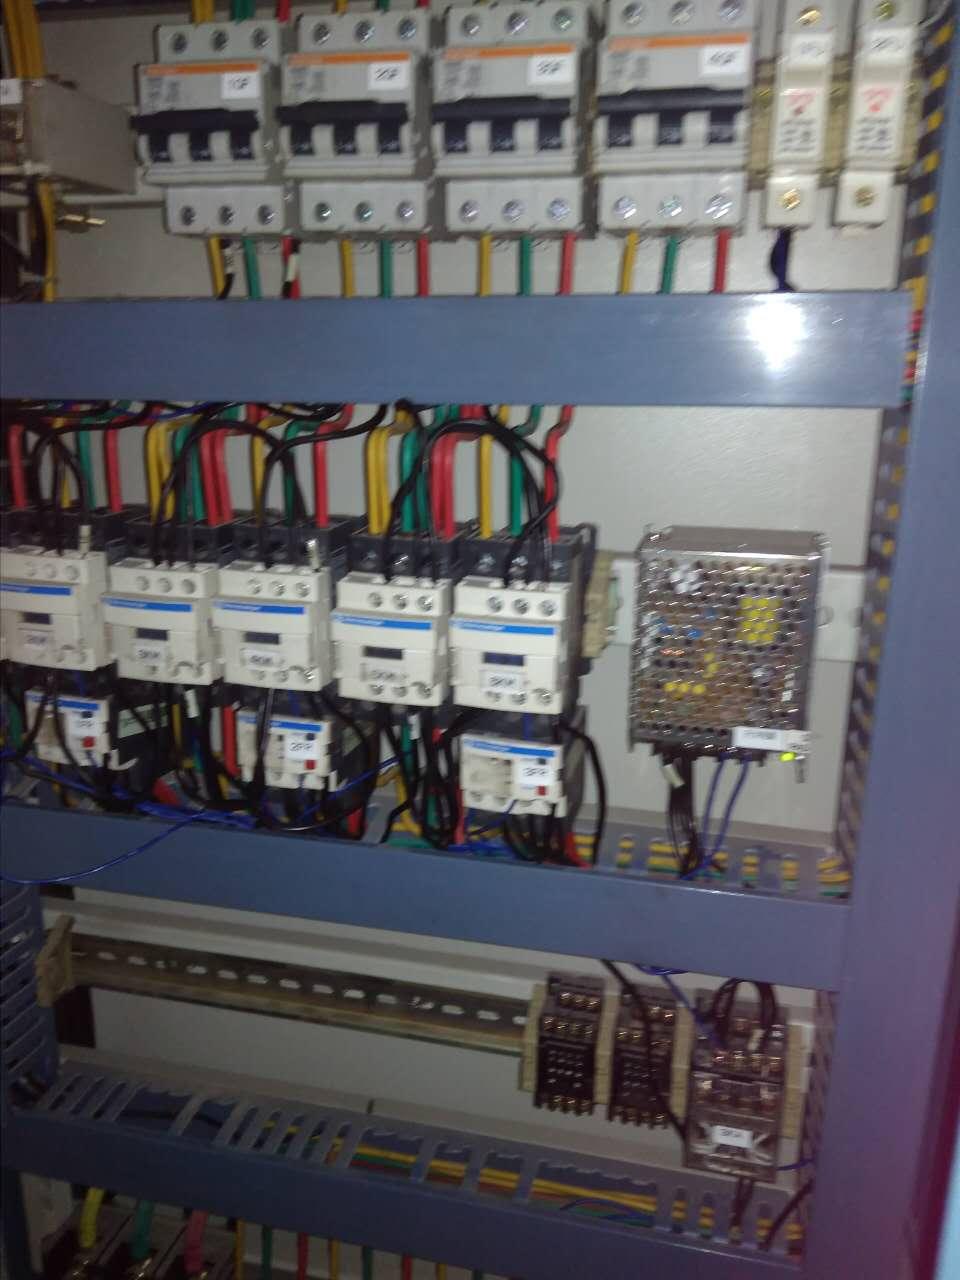 维修销售  触摸屏 plc 变频器 恒压供水 配电柜 控制柜 发电机组